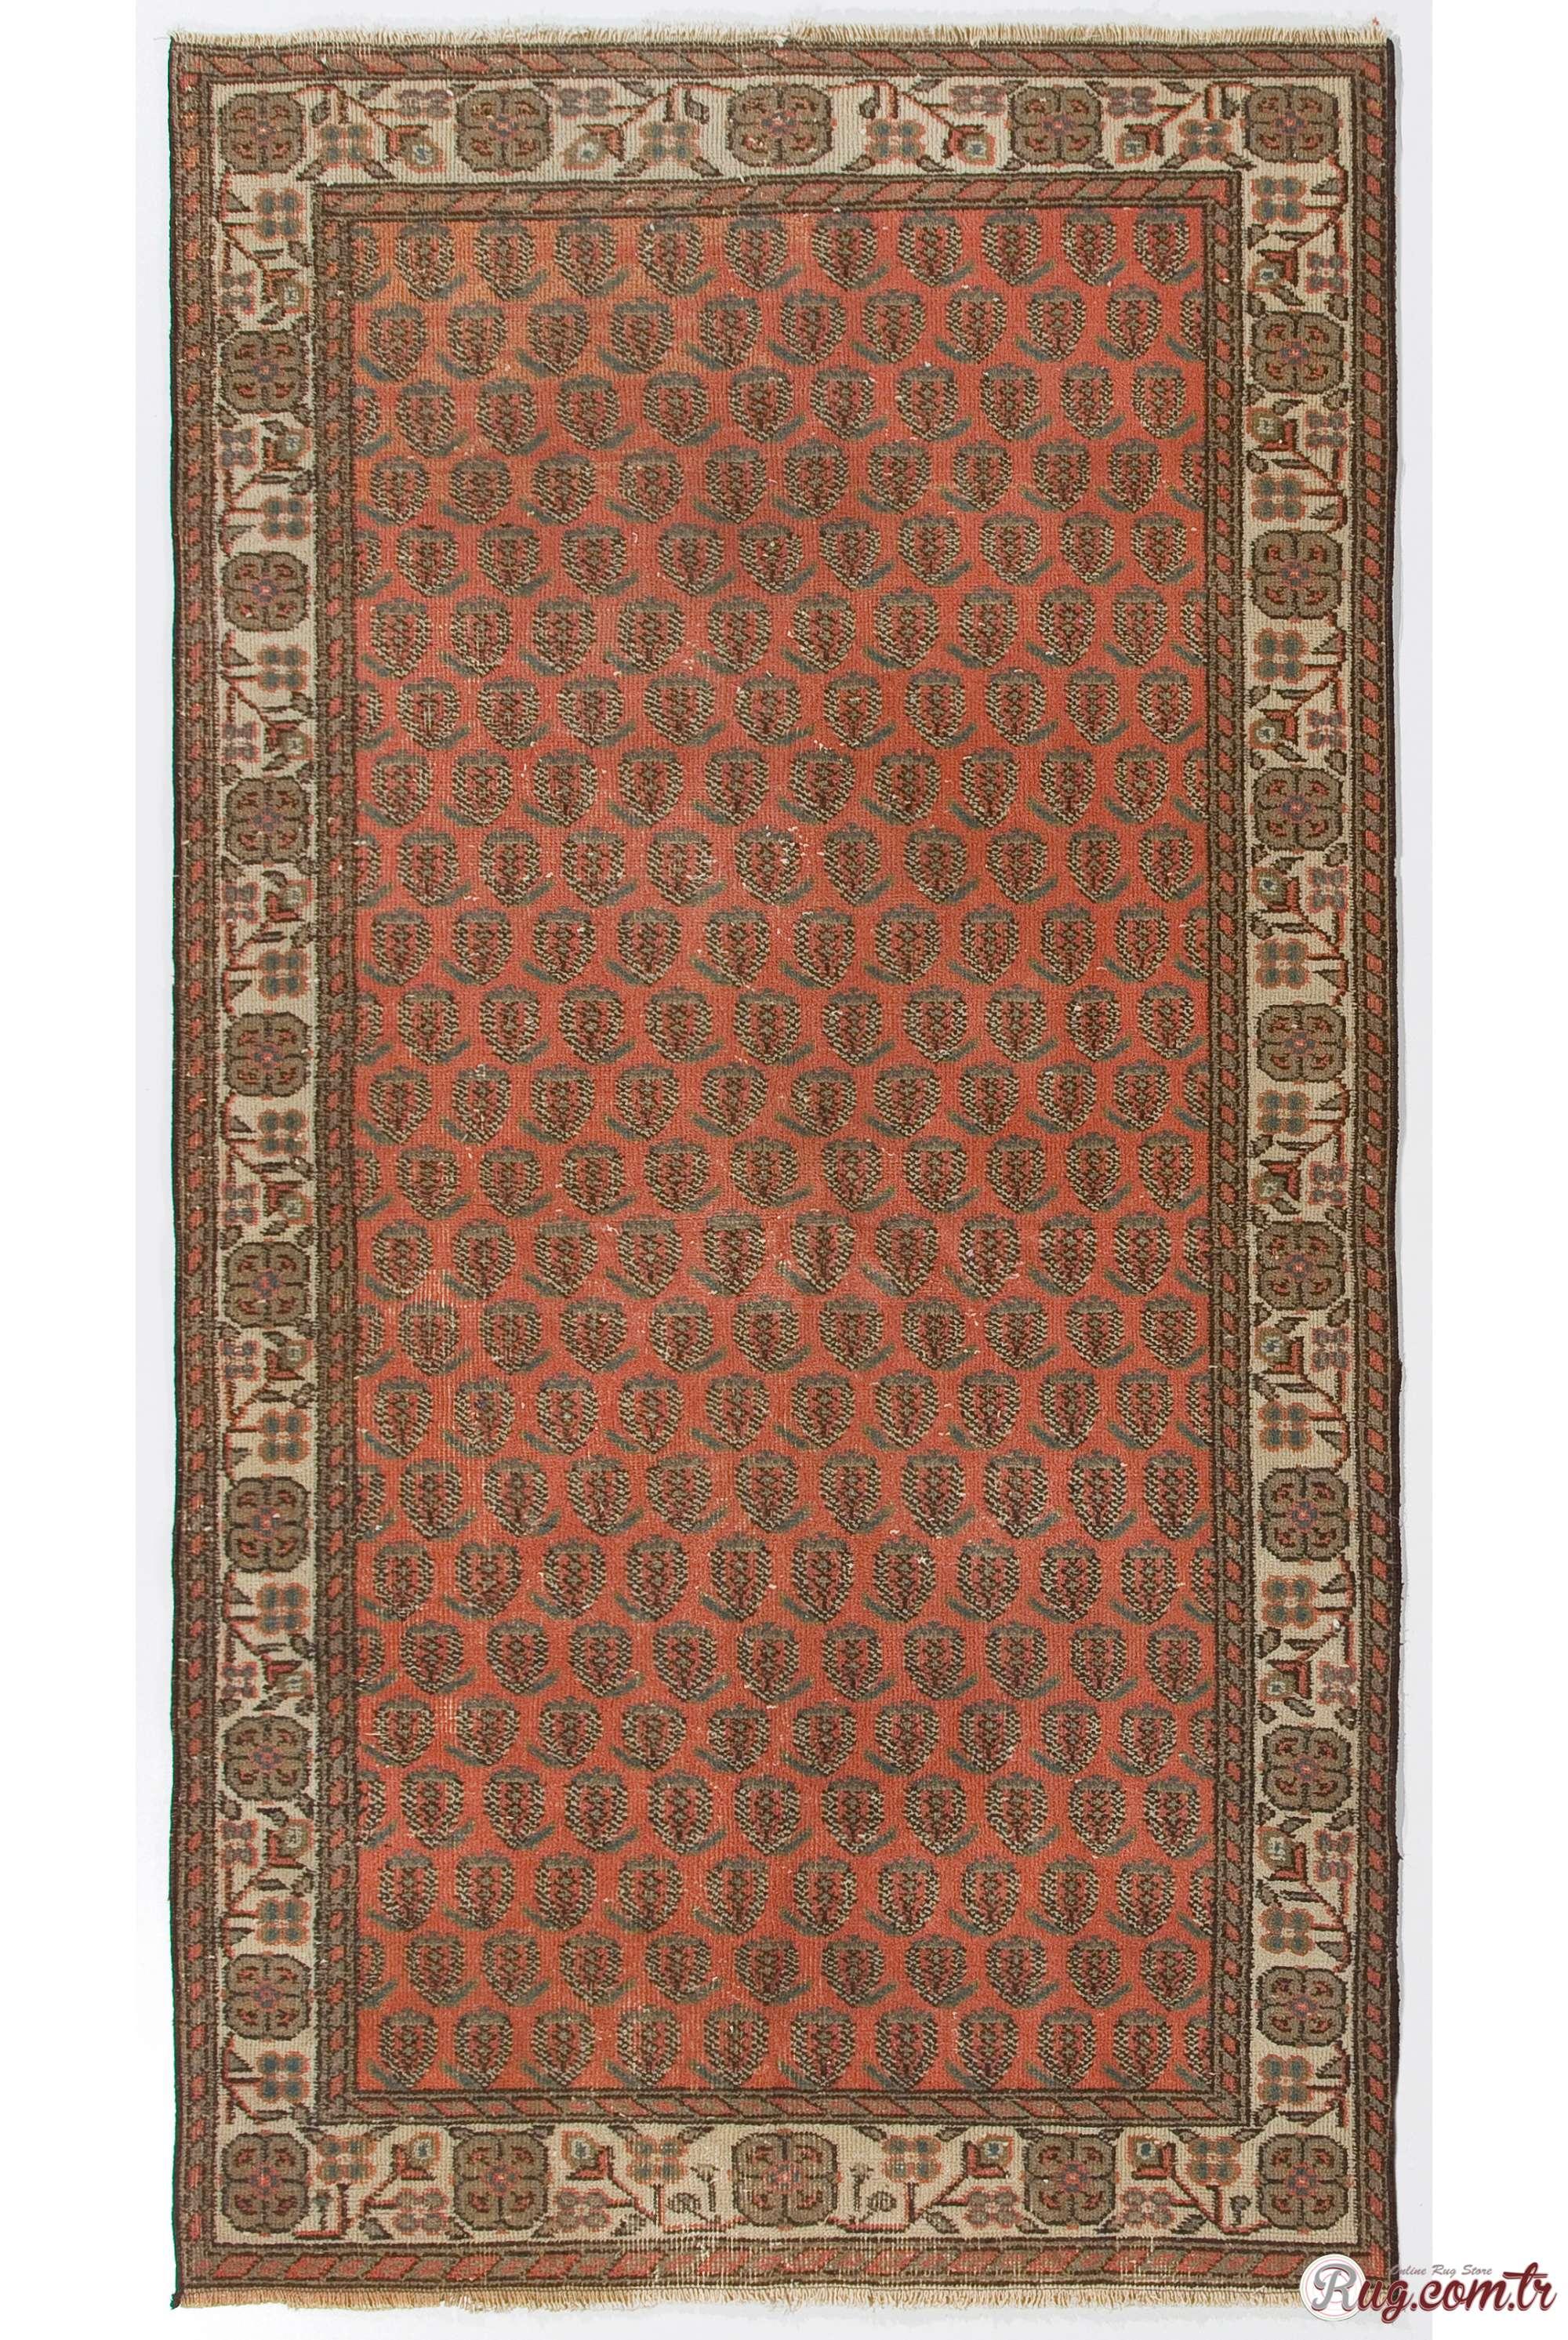 turkish antique washed rug red and beige turkish rug. Black Bedroom Furniture Sets. Home Design Ideas